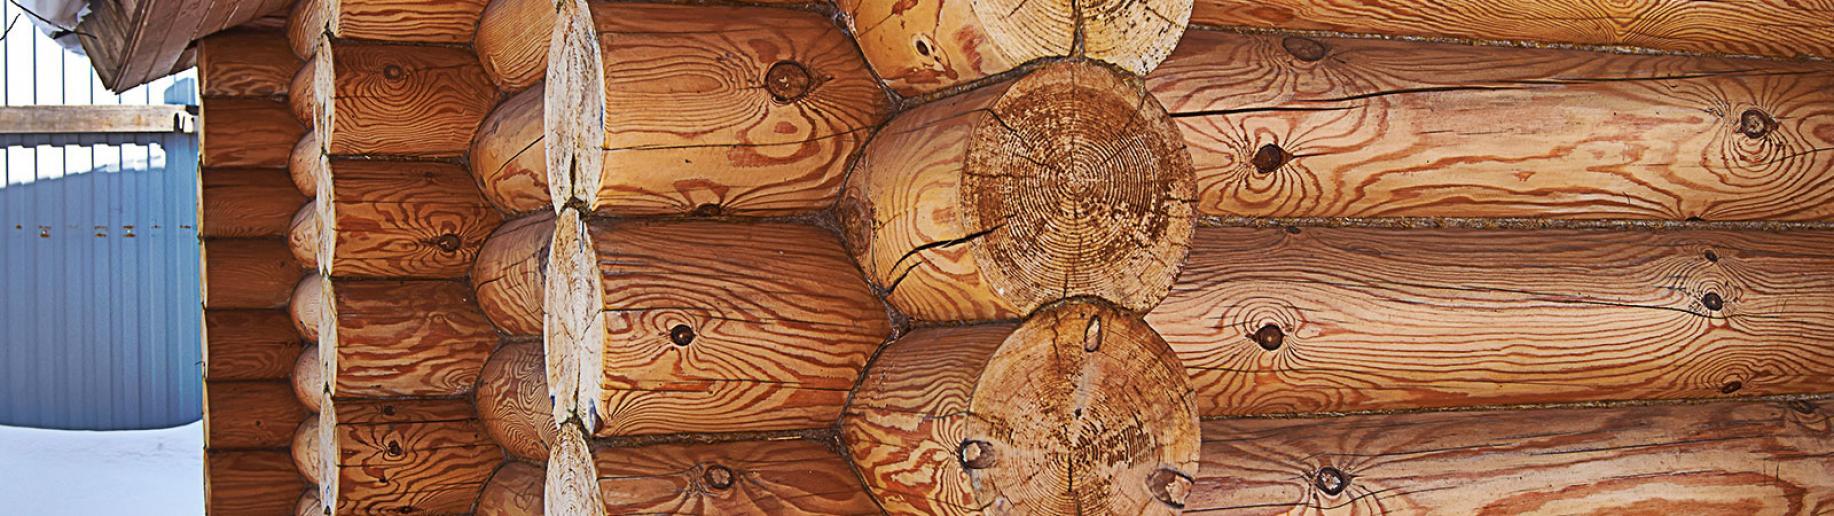 Антисептики и отбеливатели для дерева